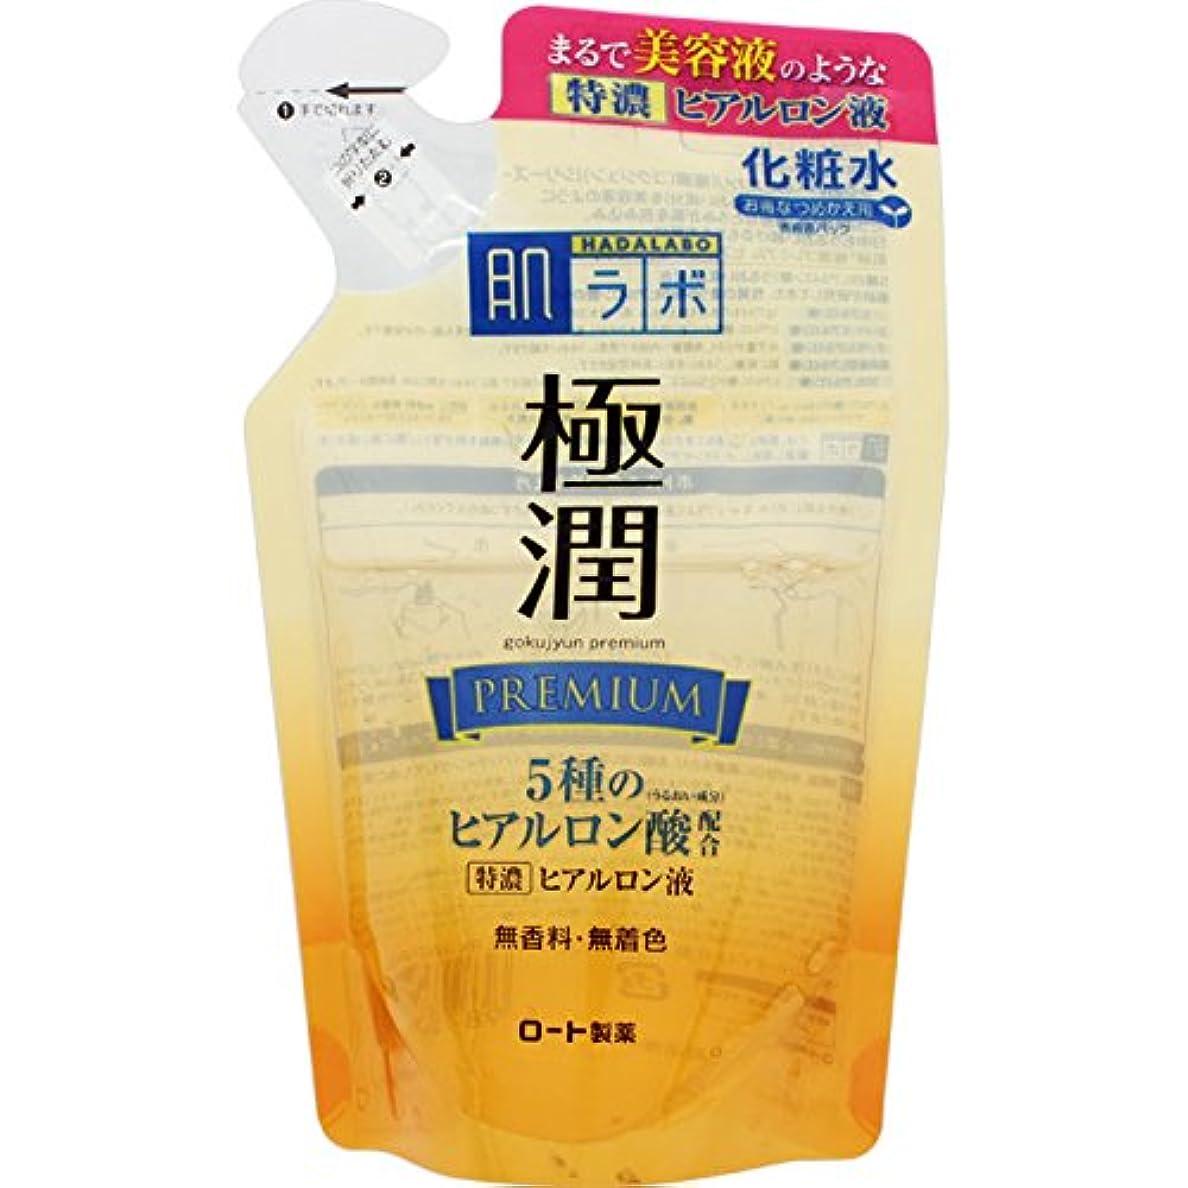 今晩解明する巨大肌ラボ 極潤プレミアム 特濃ヒアルロン液 ヒアルロン酸5種類×サクラン配合 詰替用 170mL